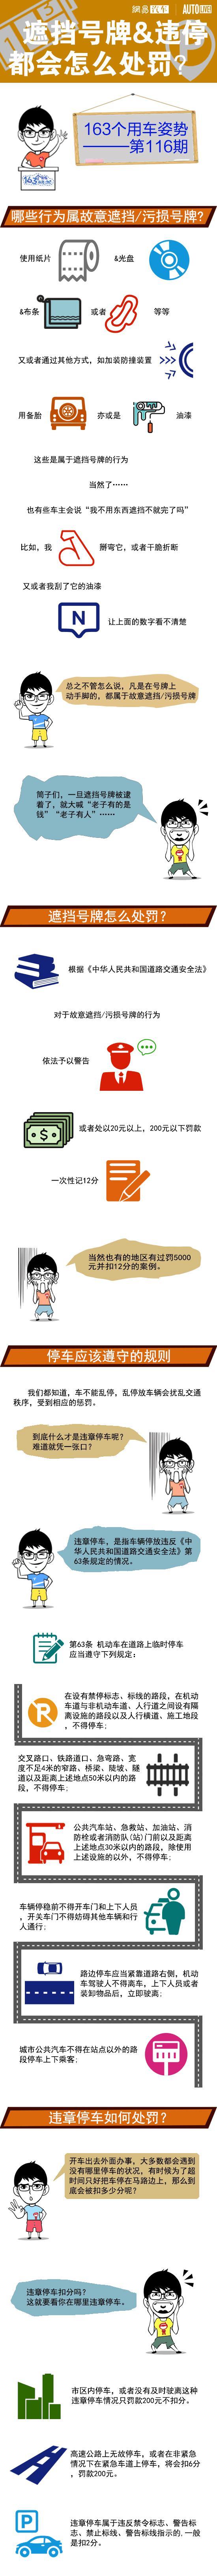 男子花8千元买假公安部通行证 竟违停在法院门口